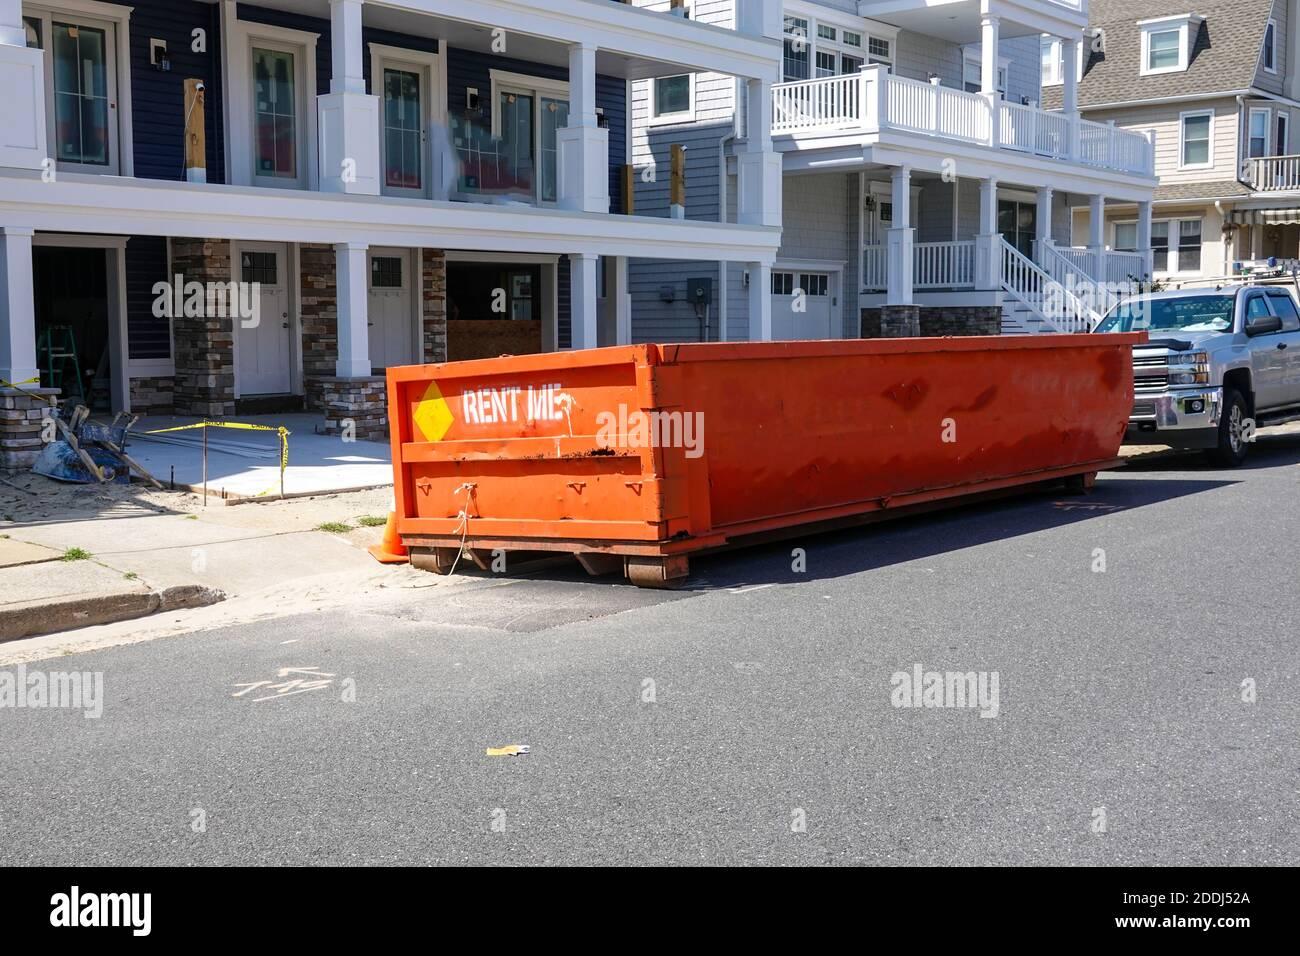 El final de un contenedor de naranja visto en una calle delante de un camión en un sitio de construcción en un día soleado Foto de stock